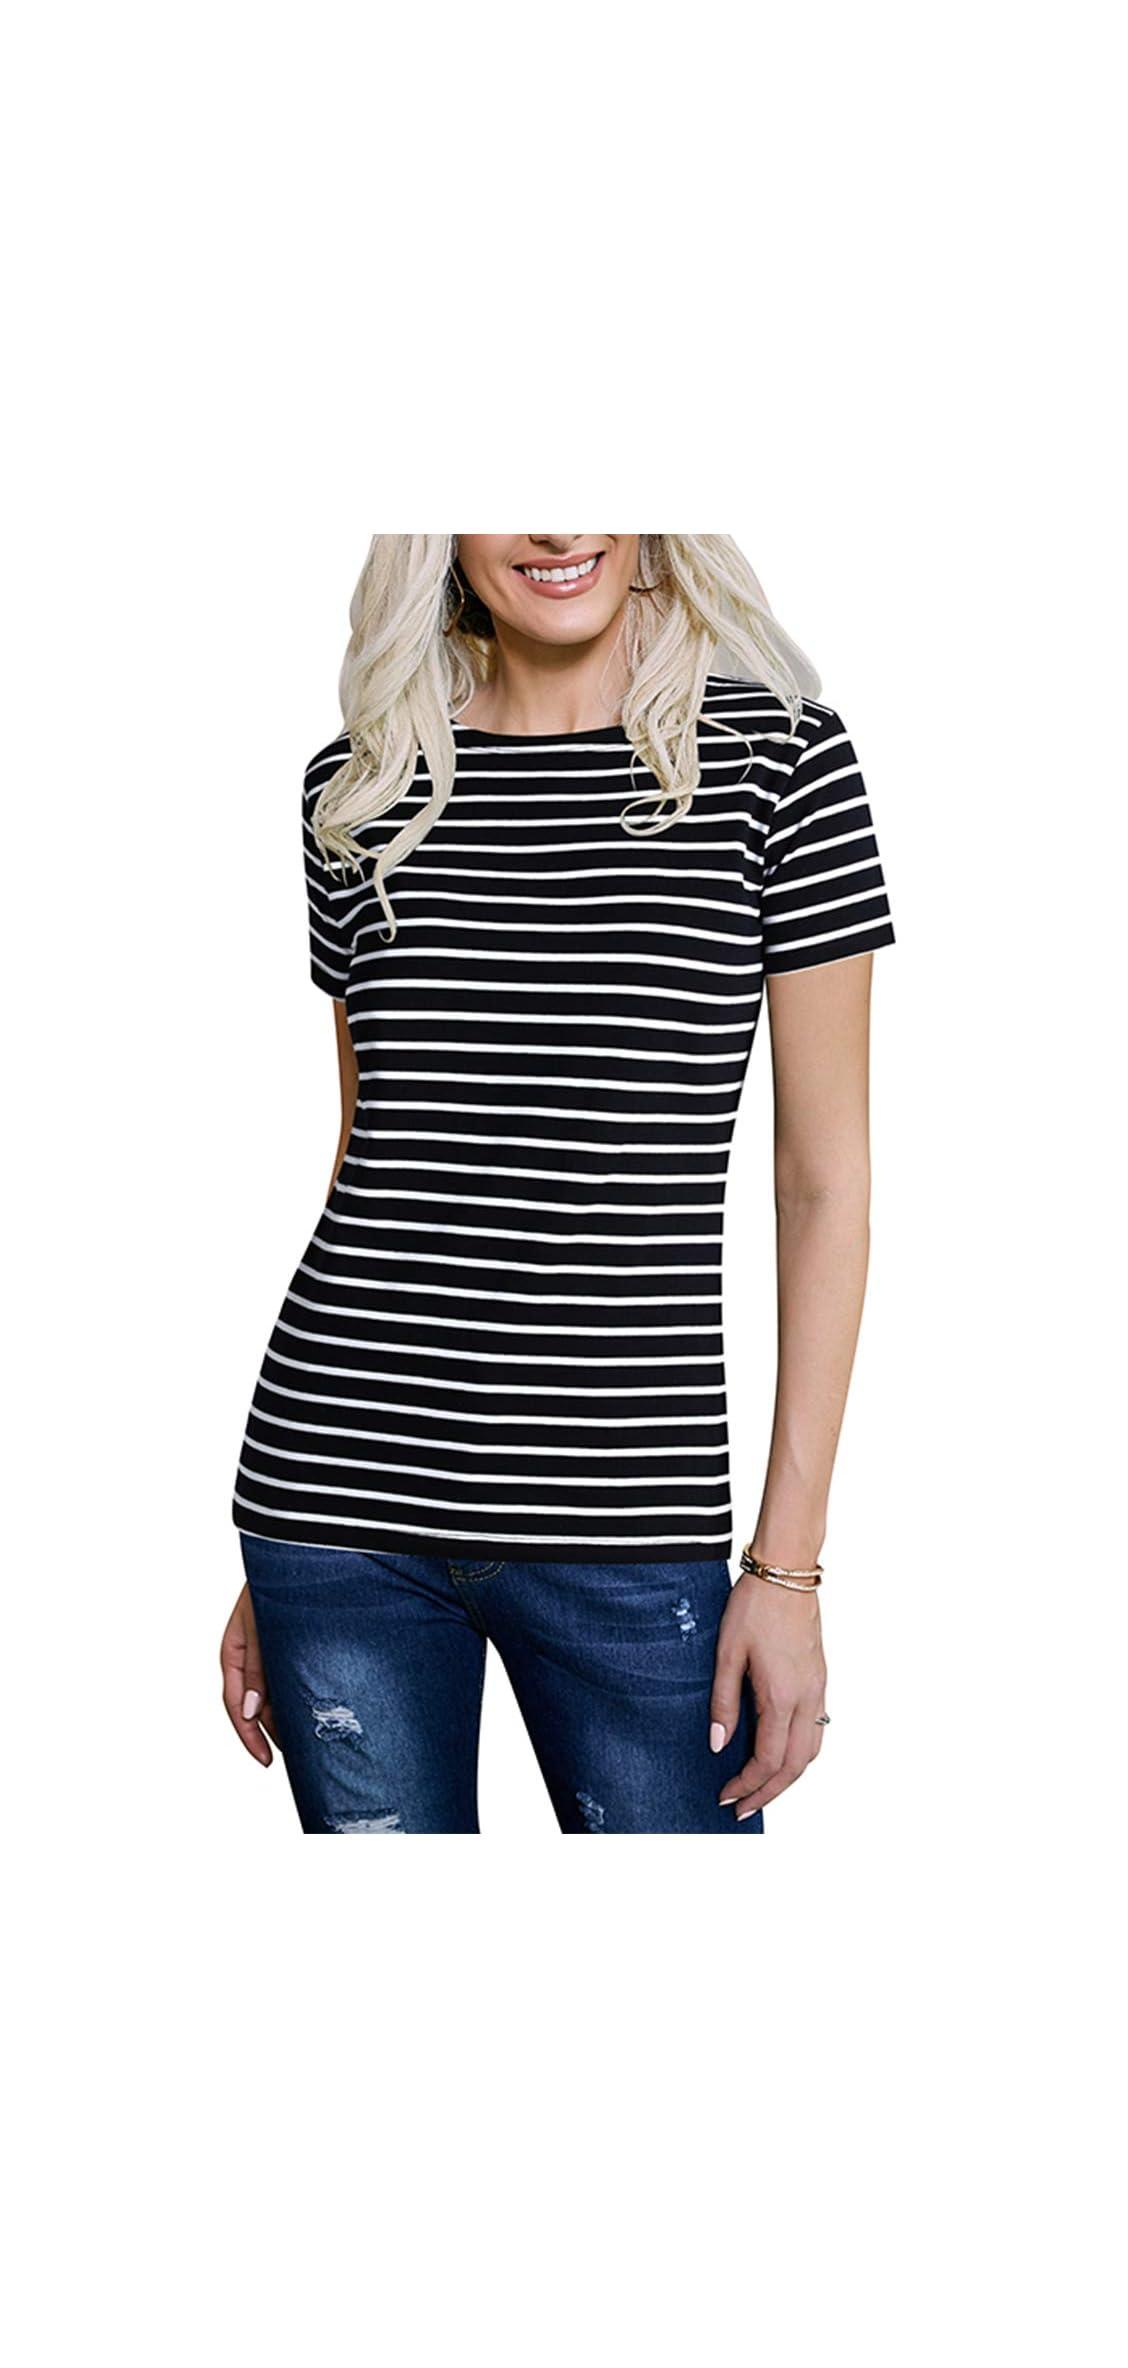 Women's Long Sleeve/short Sleeve Striped T-shirt Tee Shirt Tops